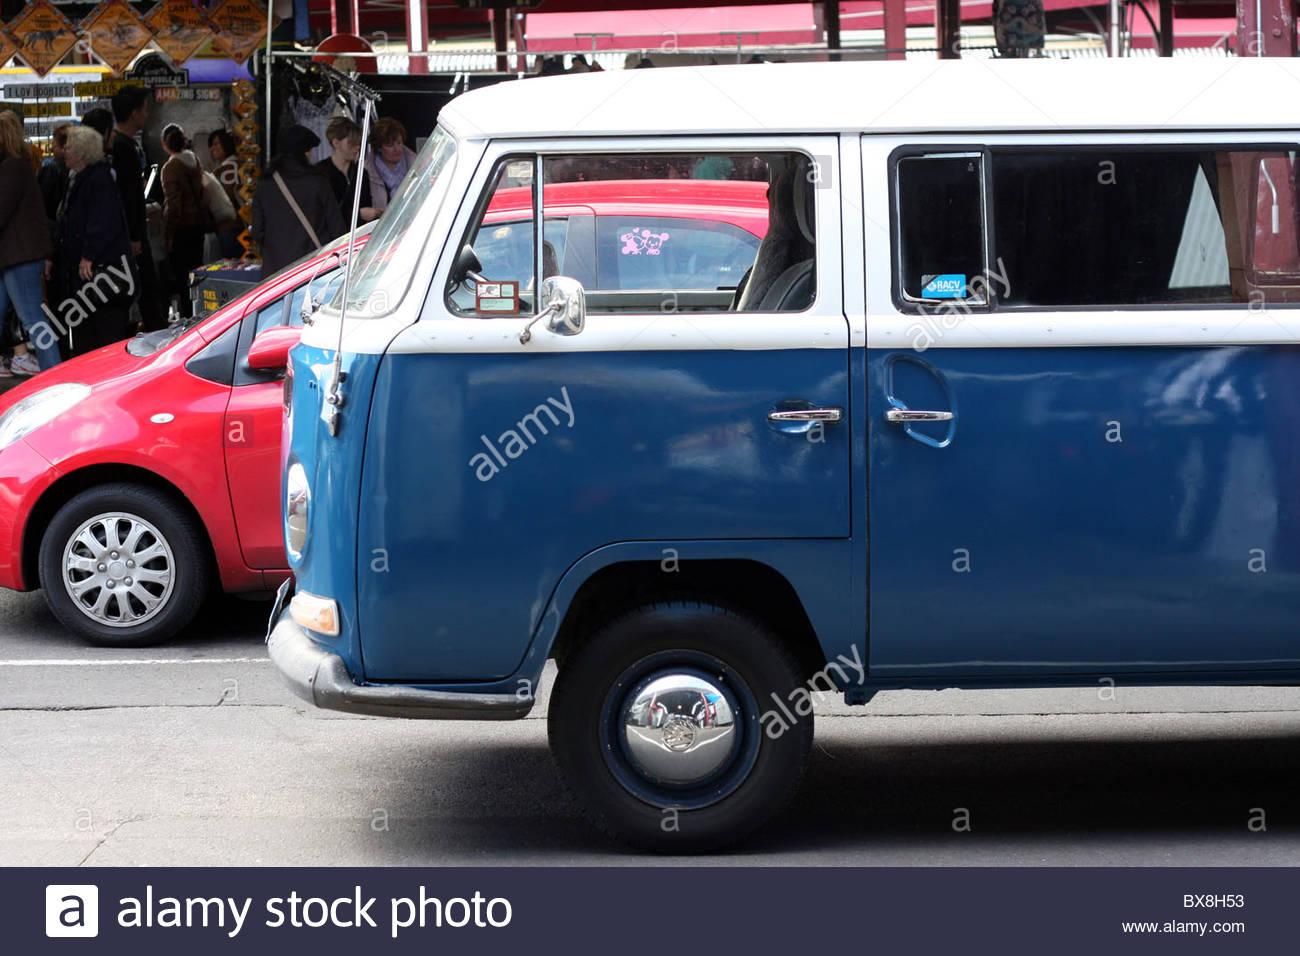 Volkswagen Van Stock Photos Amp Volkswagen Van Stock Images